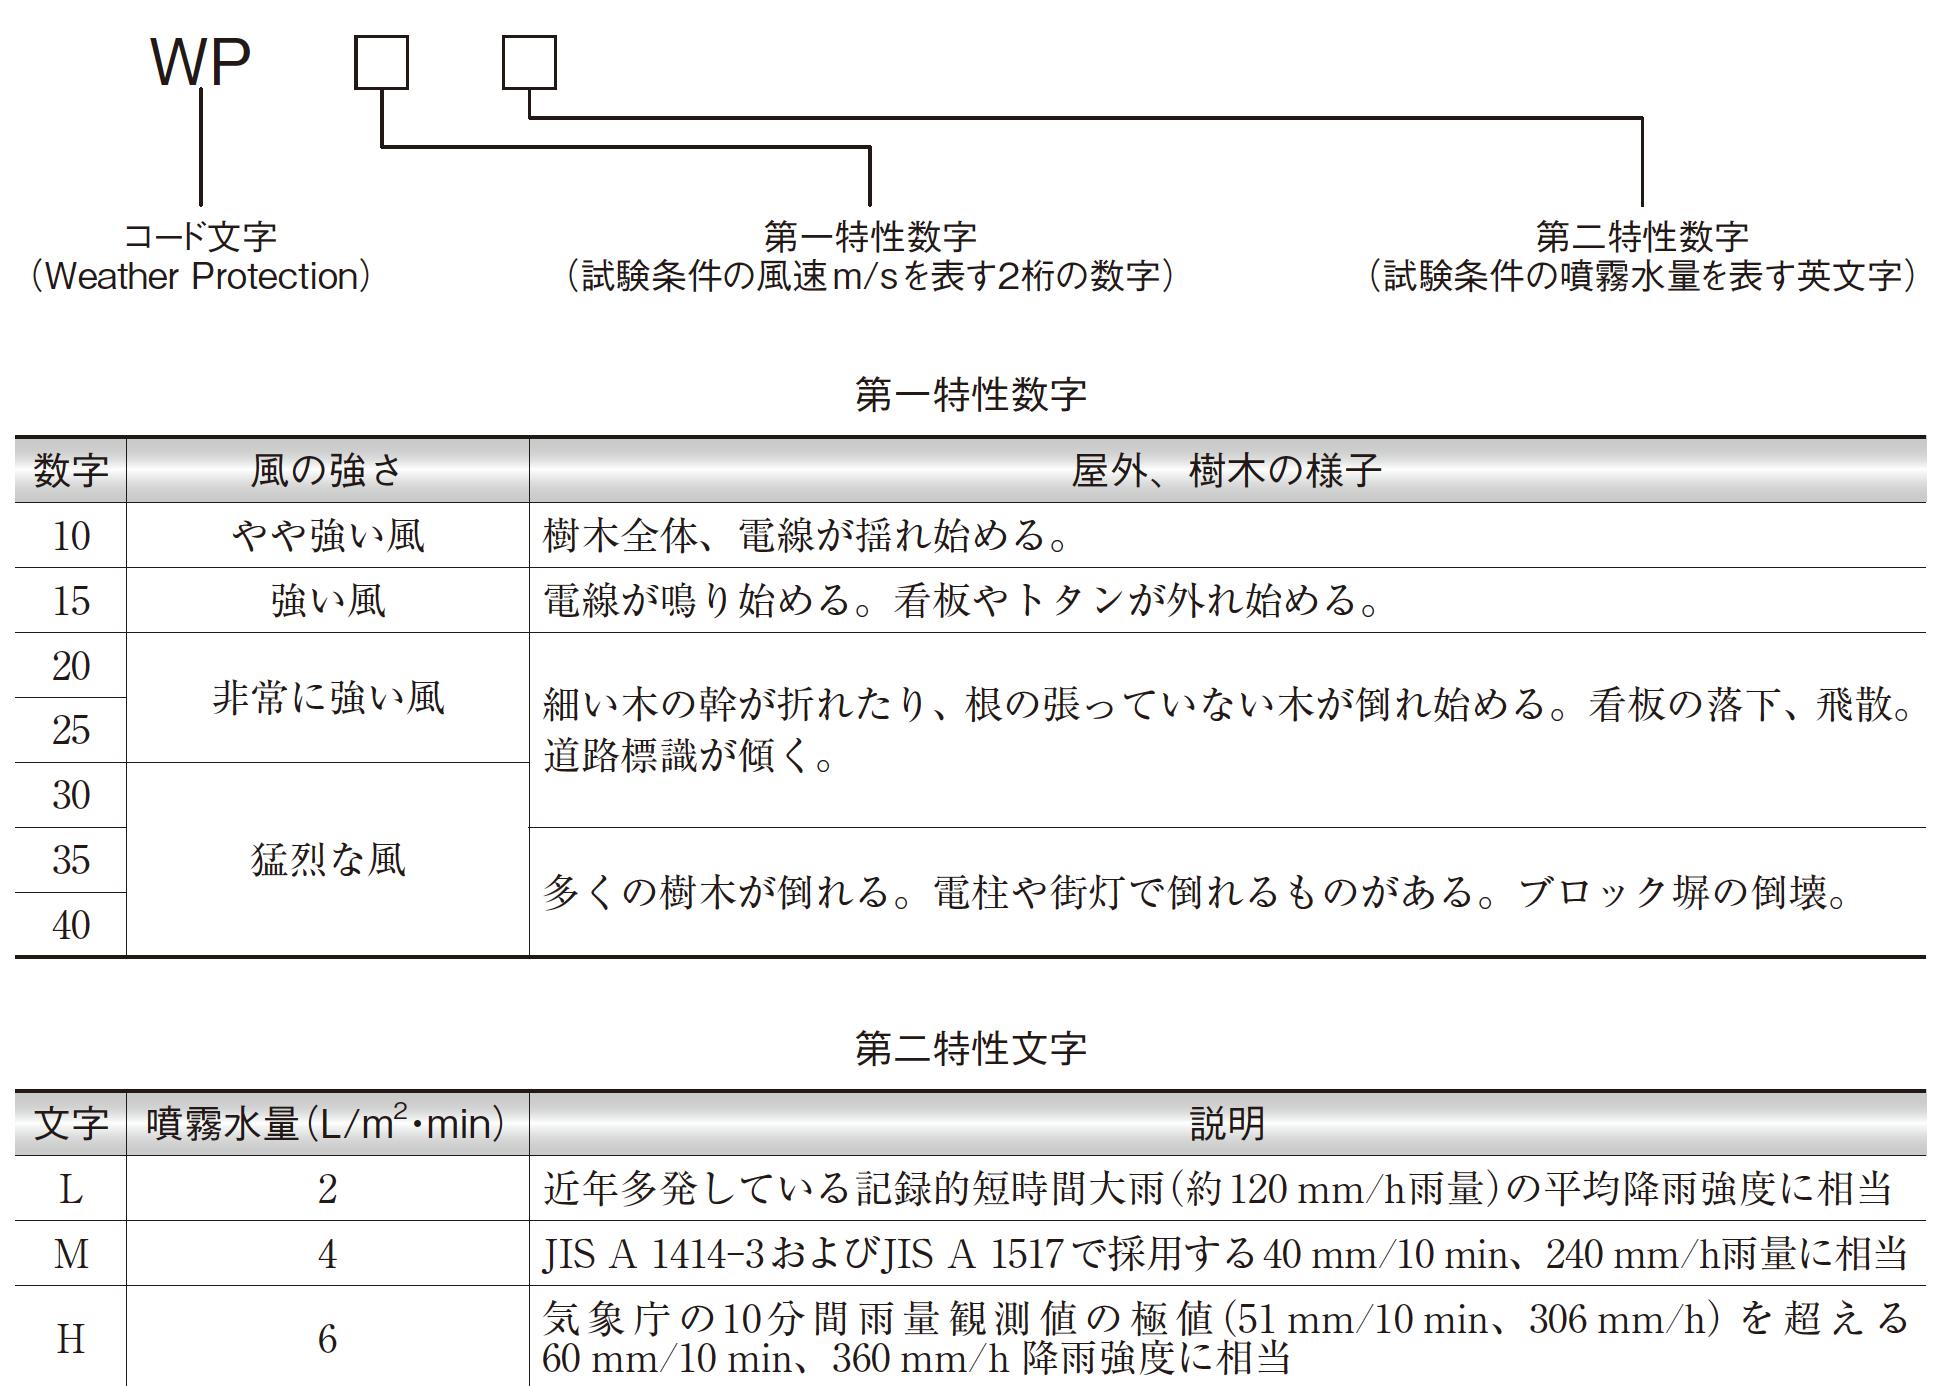 【日東工業】屋外キャビネットの風雨性能評価基準を制定の画像